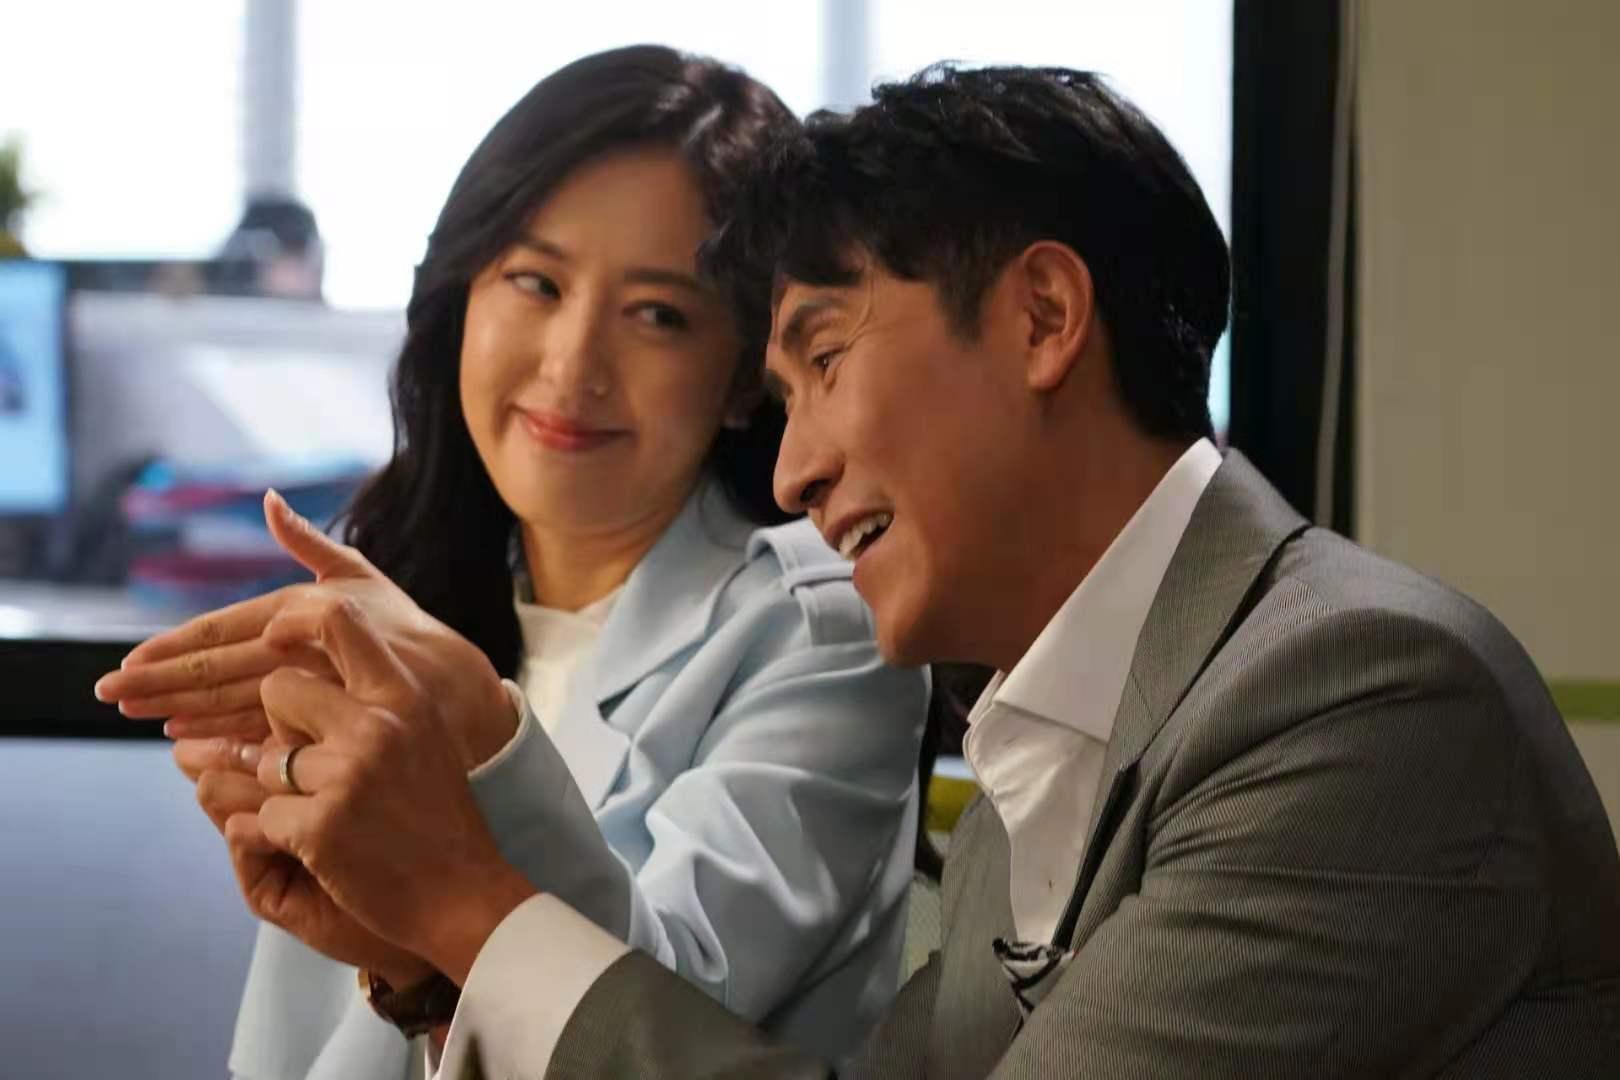 搶收視!TVB八月黃金時段再變陣,馬德鍾與馬在驤首次父子檔演出